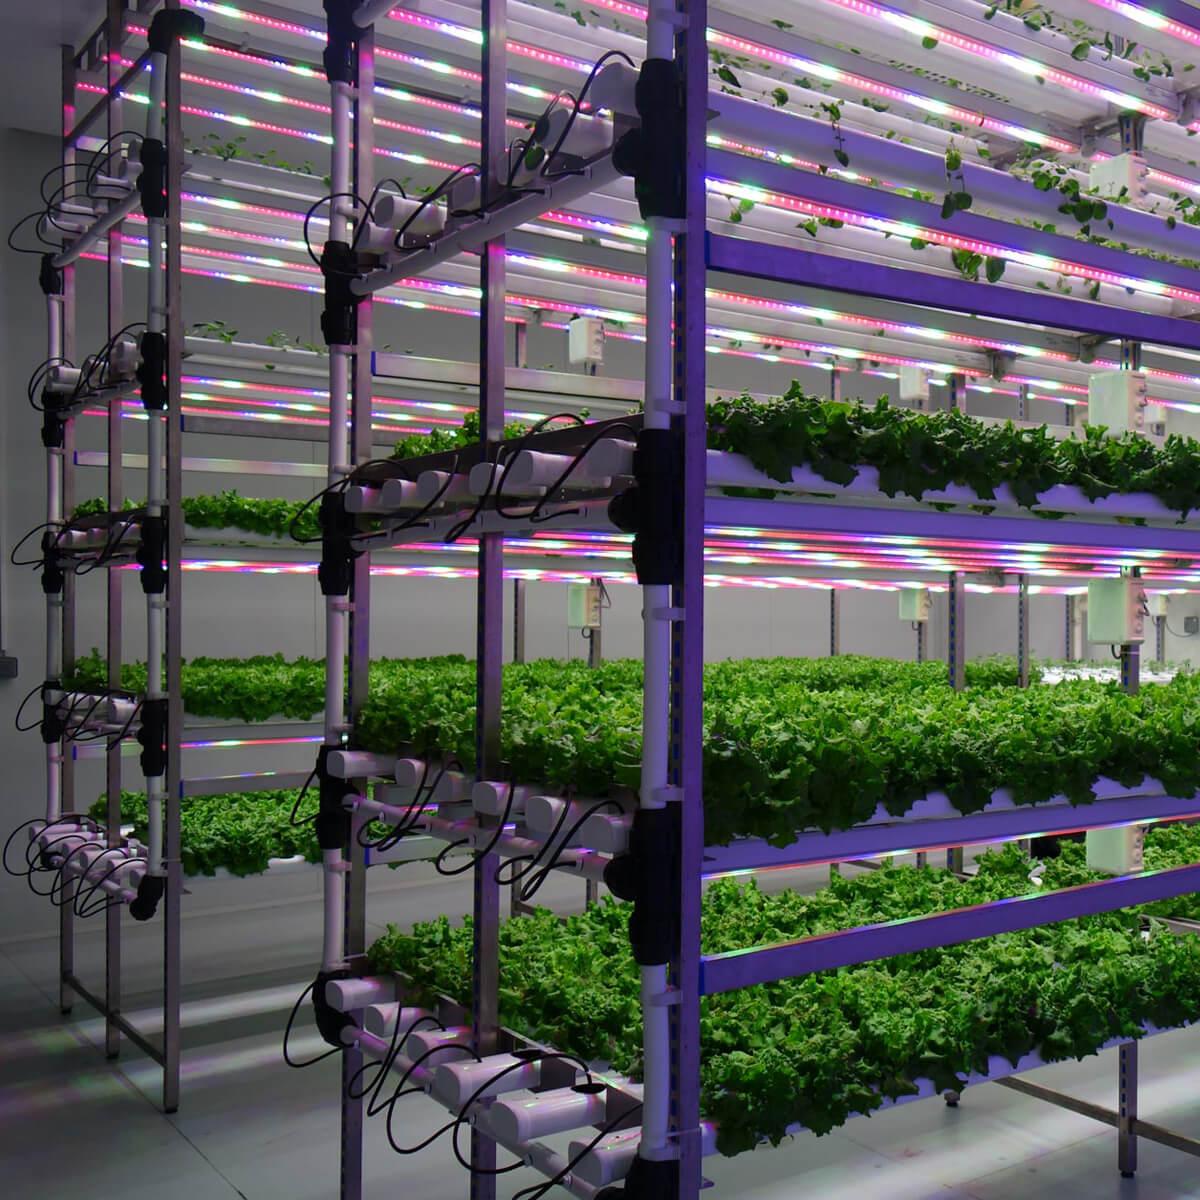 <ul> <li>Développement d'essais à petite échelle sur des plantes dans des conditions parfaitement contrôlées, capables de reproduire les conditions de n'importe quelle région du monde; en plus de générer des situations de stress extrême.</li> <li>Possibilité d'émuler des climats extrêmes de -5℃ à 35ºC.</li> <li>De 0% à 100% d'humidité.</li> <li>Photopériode contrôlée.</li> </ul>